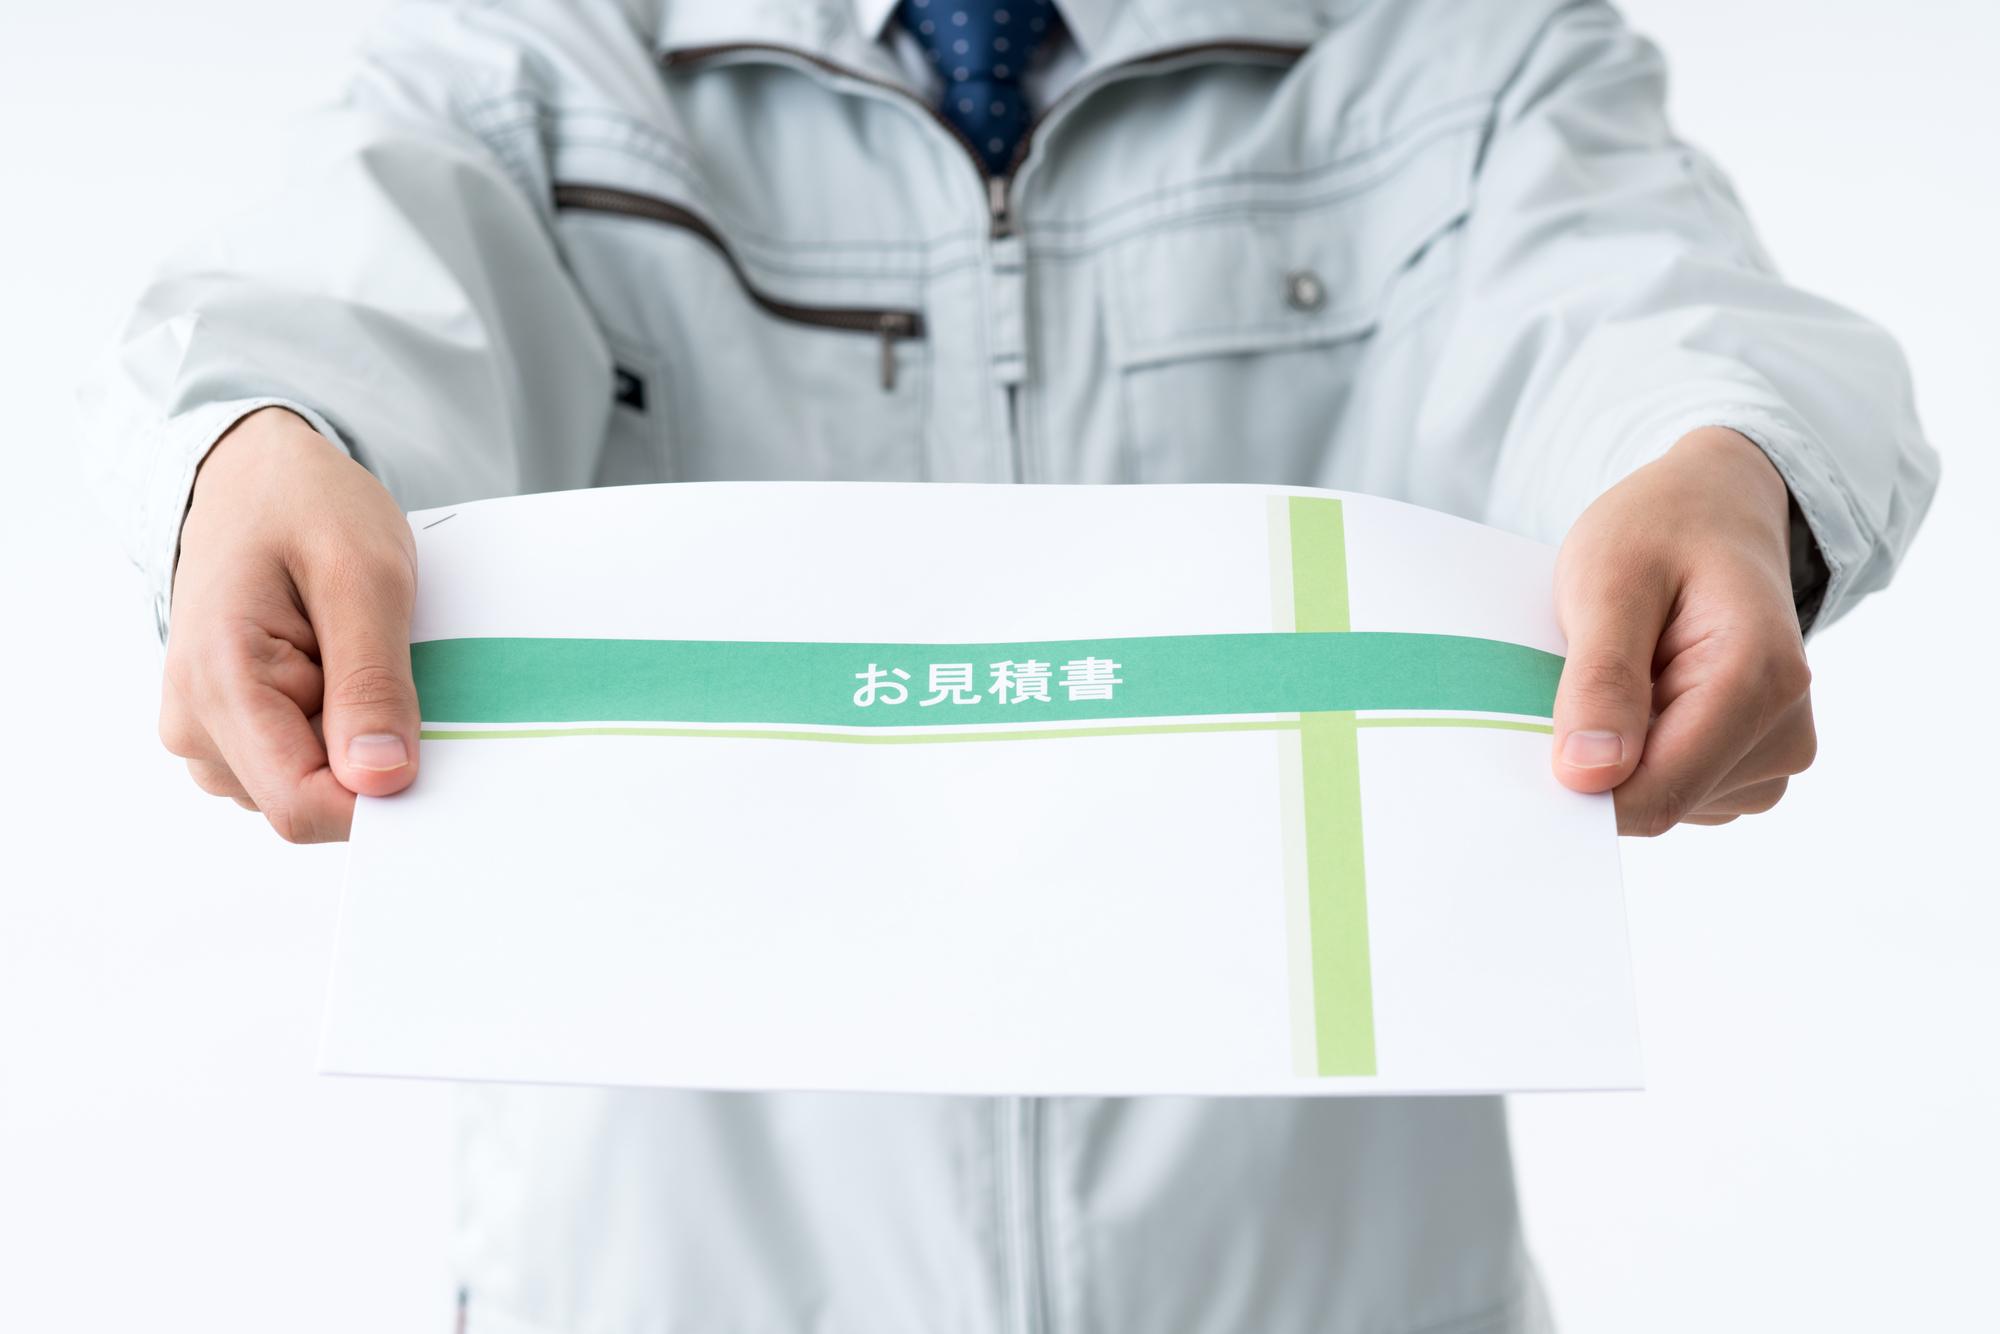 見積書を渡す作業員のイメージ写真